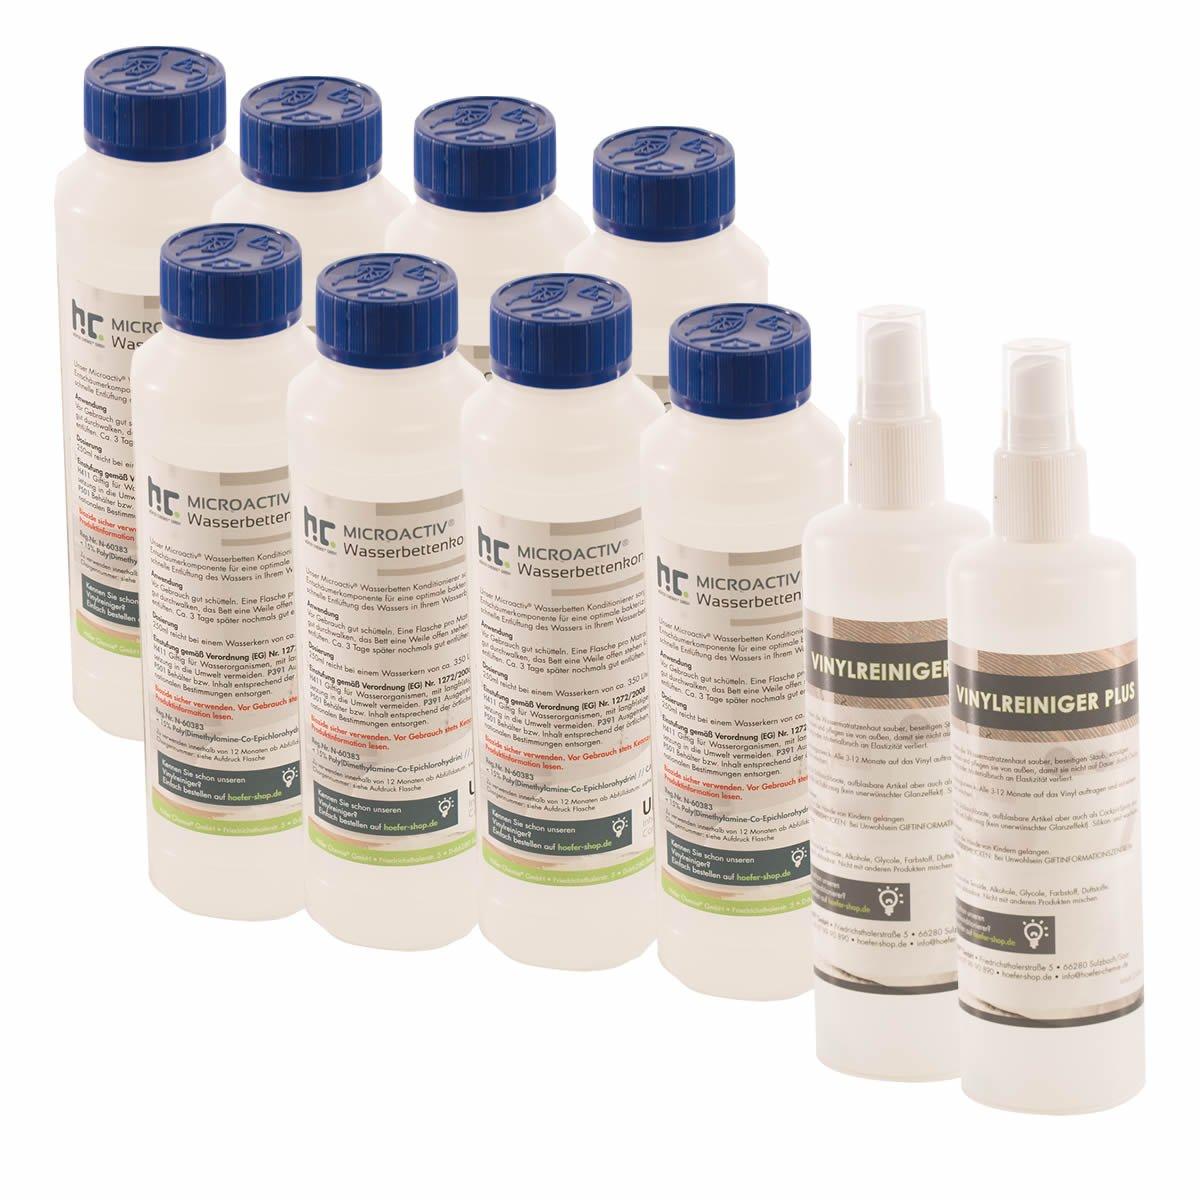 8 x 250 ml & 2 x 250 ml conditionneur lit à eau - FRAIS DE PORT OFFERT - en bouteilles de 250 ml